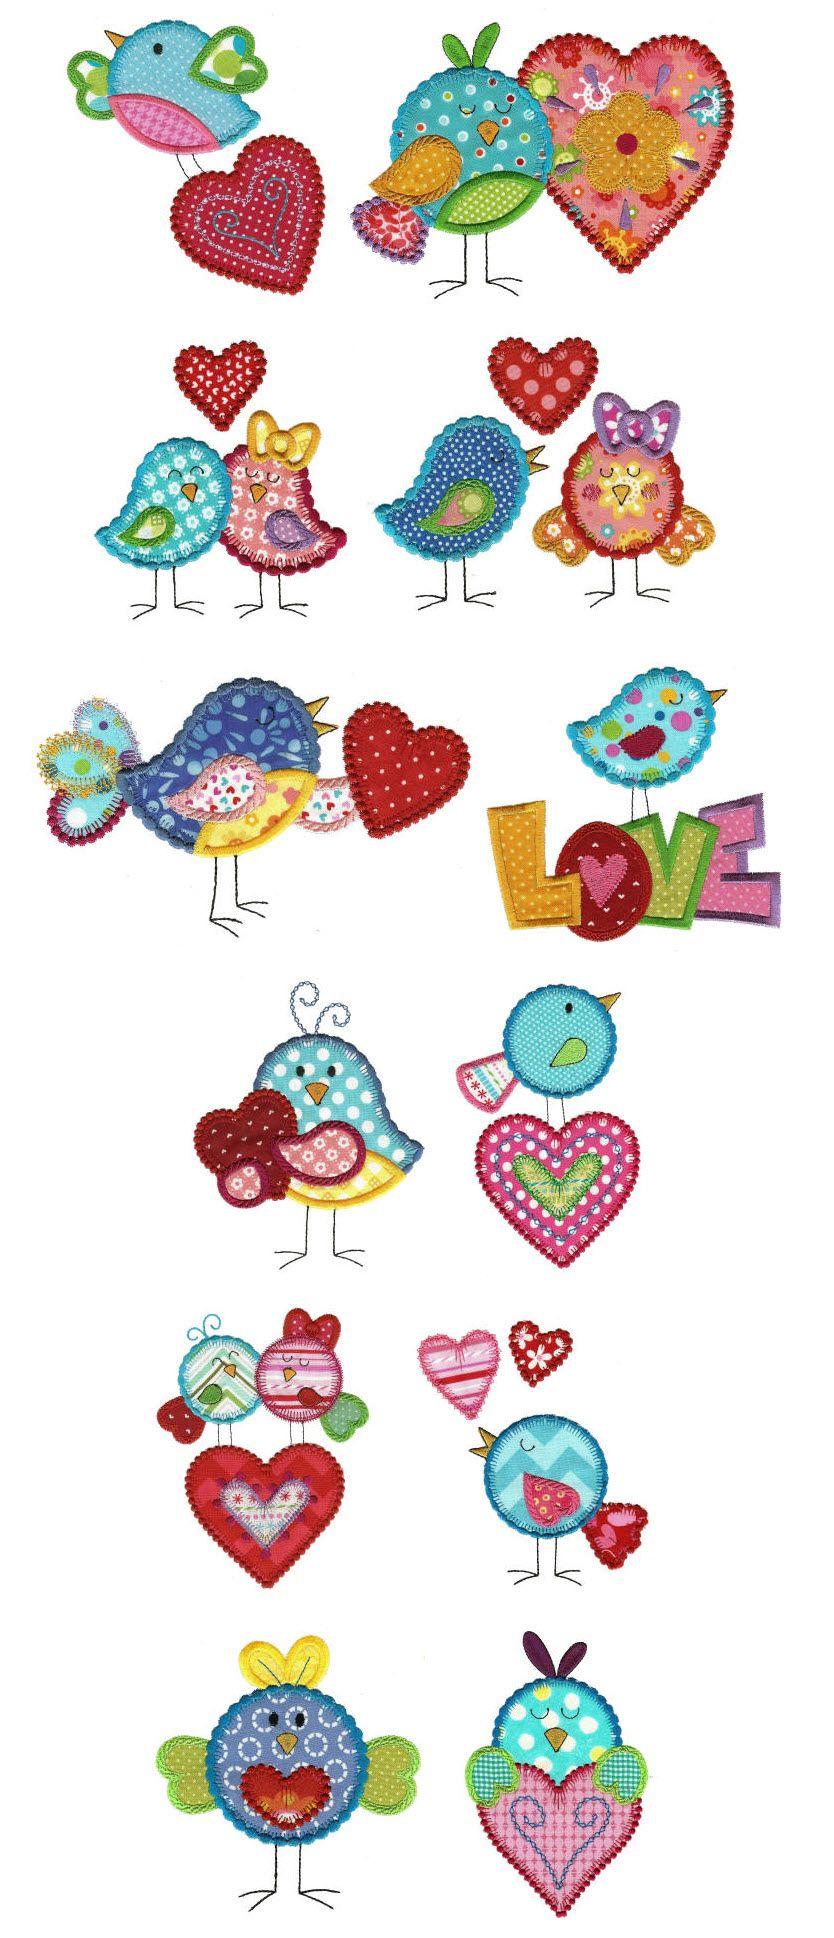 Pajaritos con corazones para aplicaciones | Diseños infantiles ...